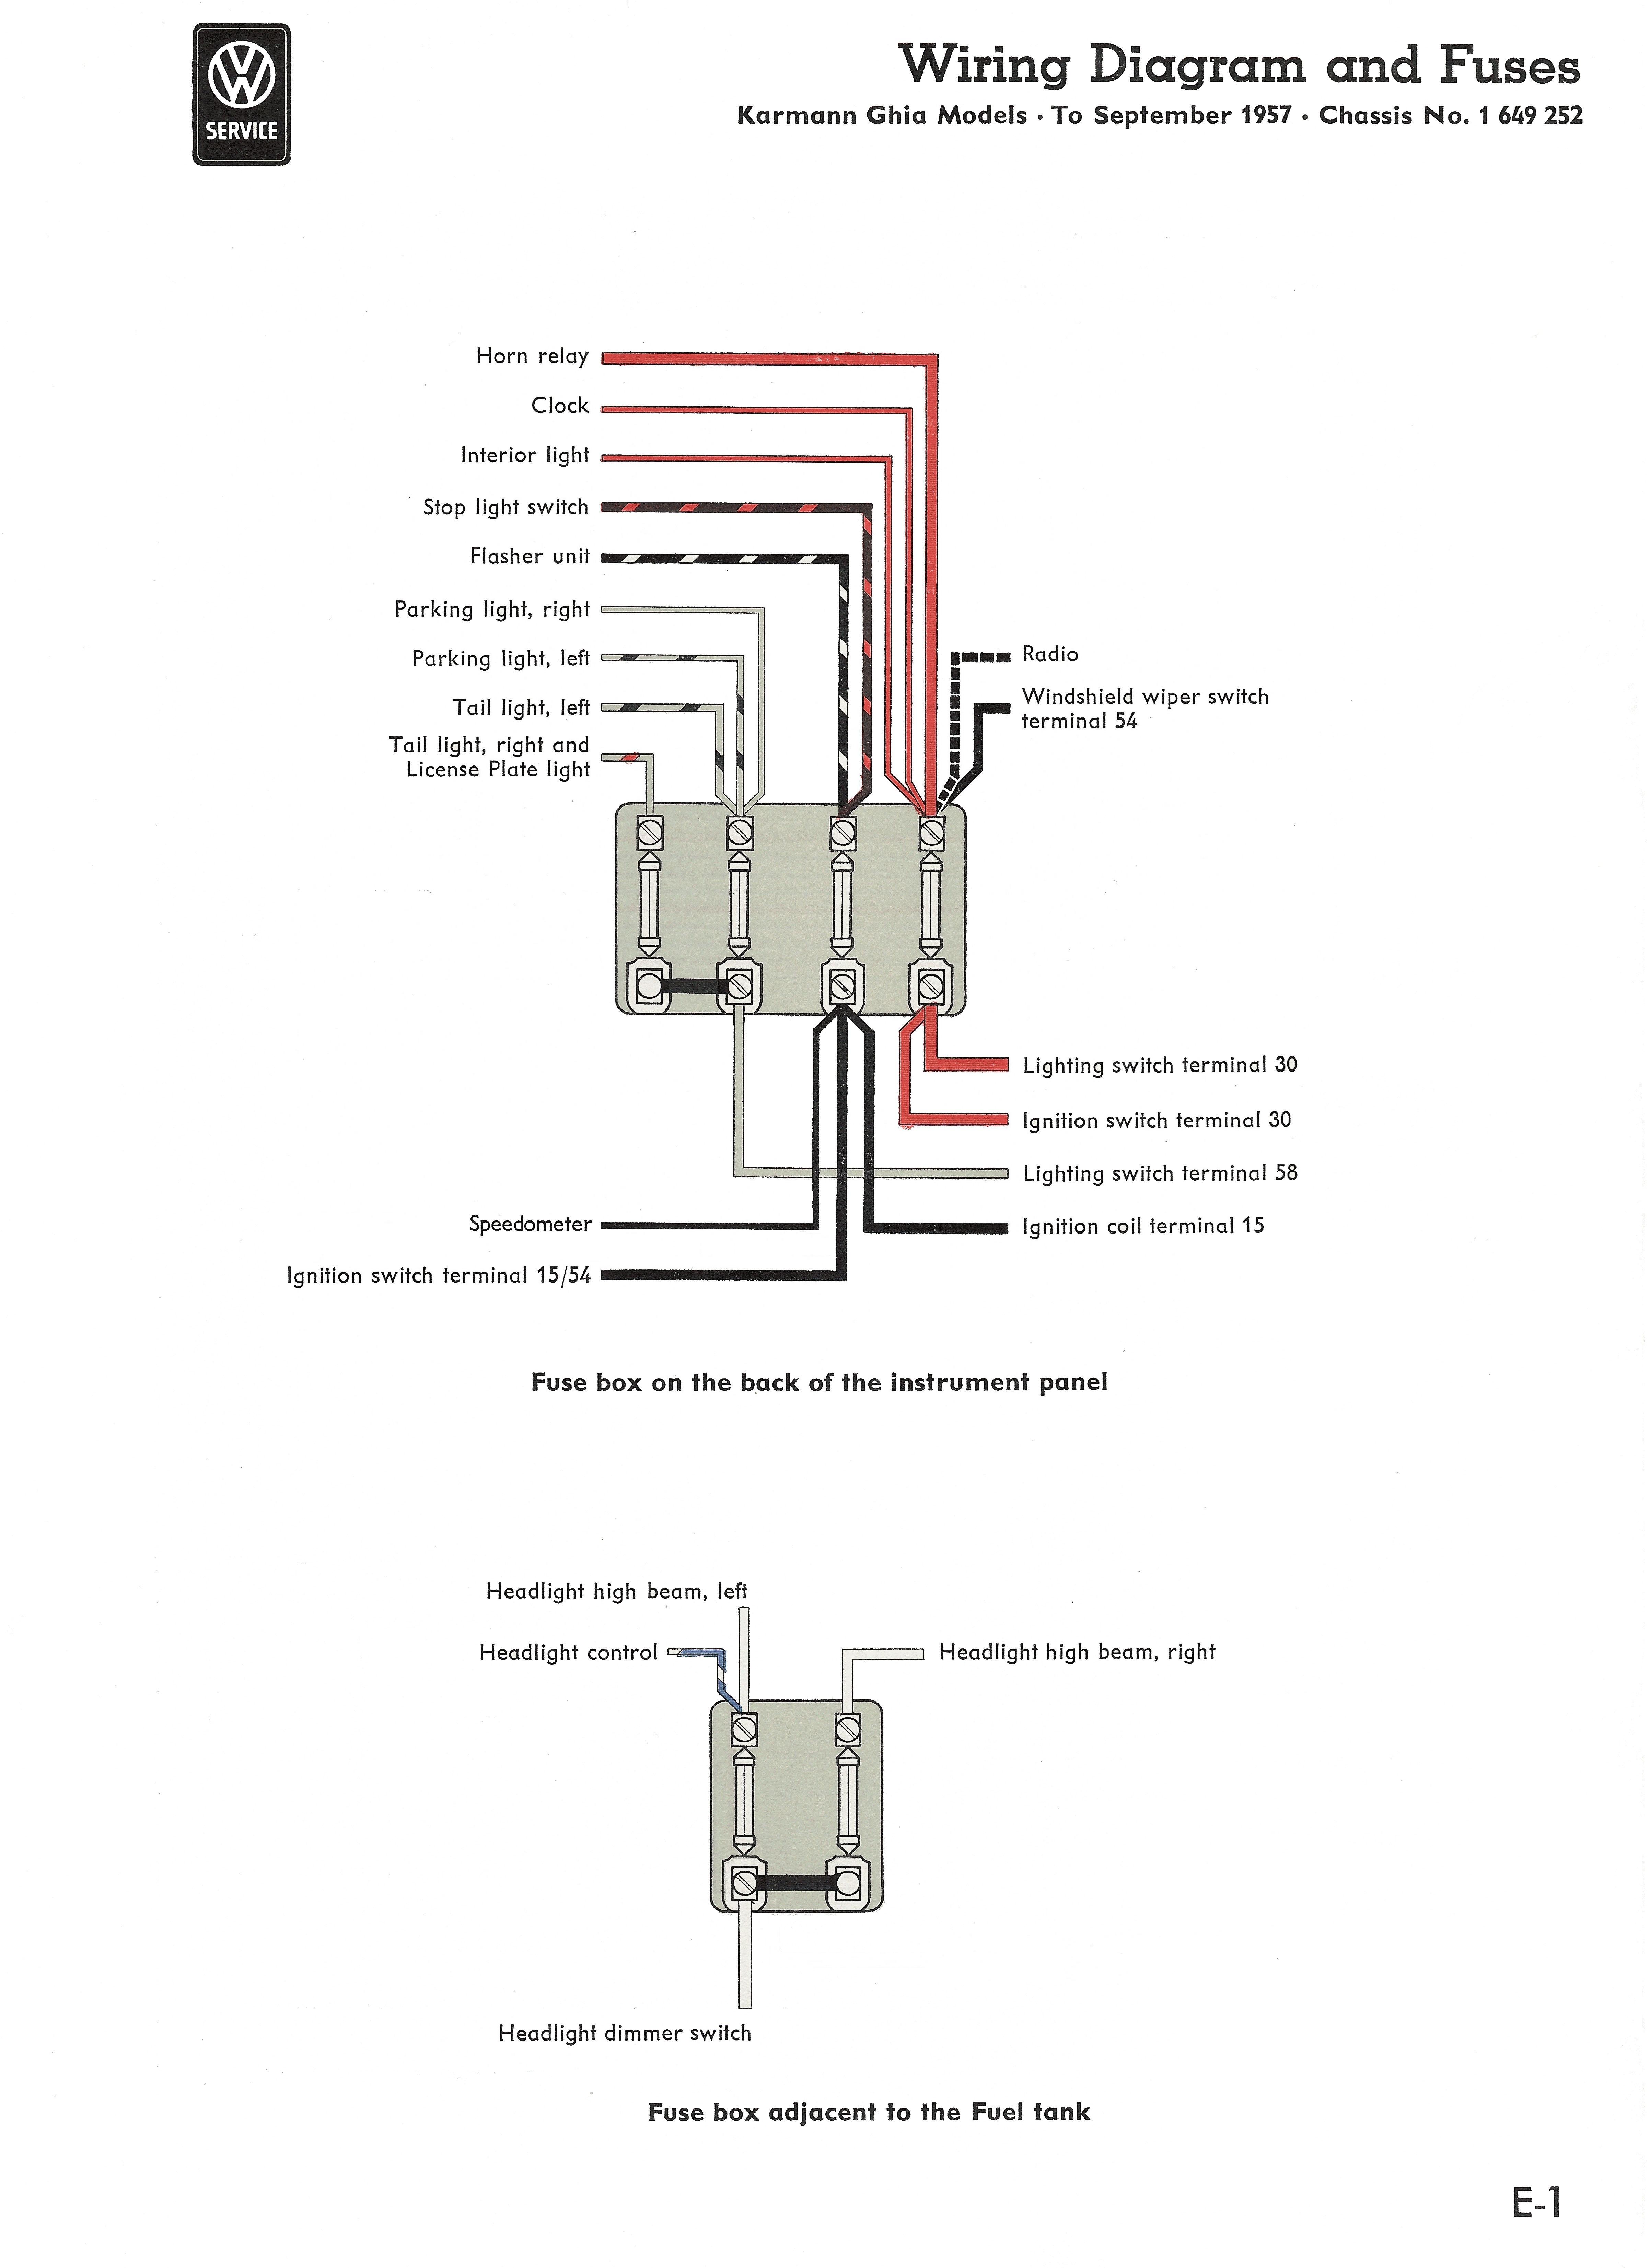 74 vw beetle wiring diagram 58 vw beetle fuse box pro wiring diagram  58 vw beetle fuse box pro wiring diagram